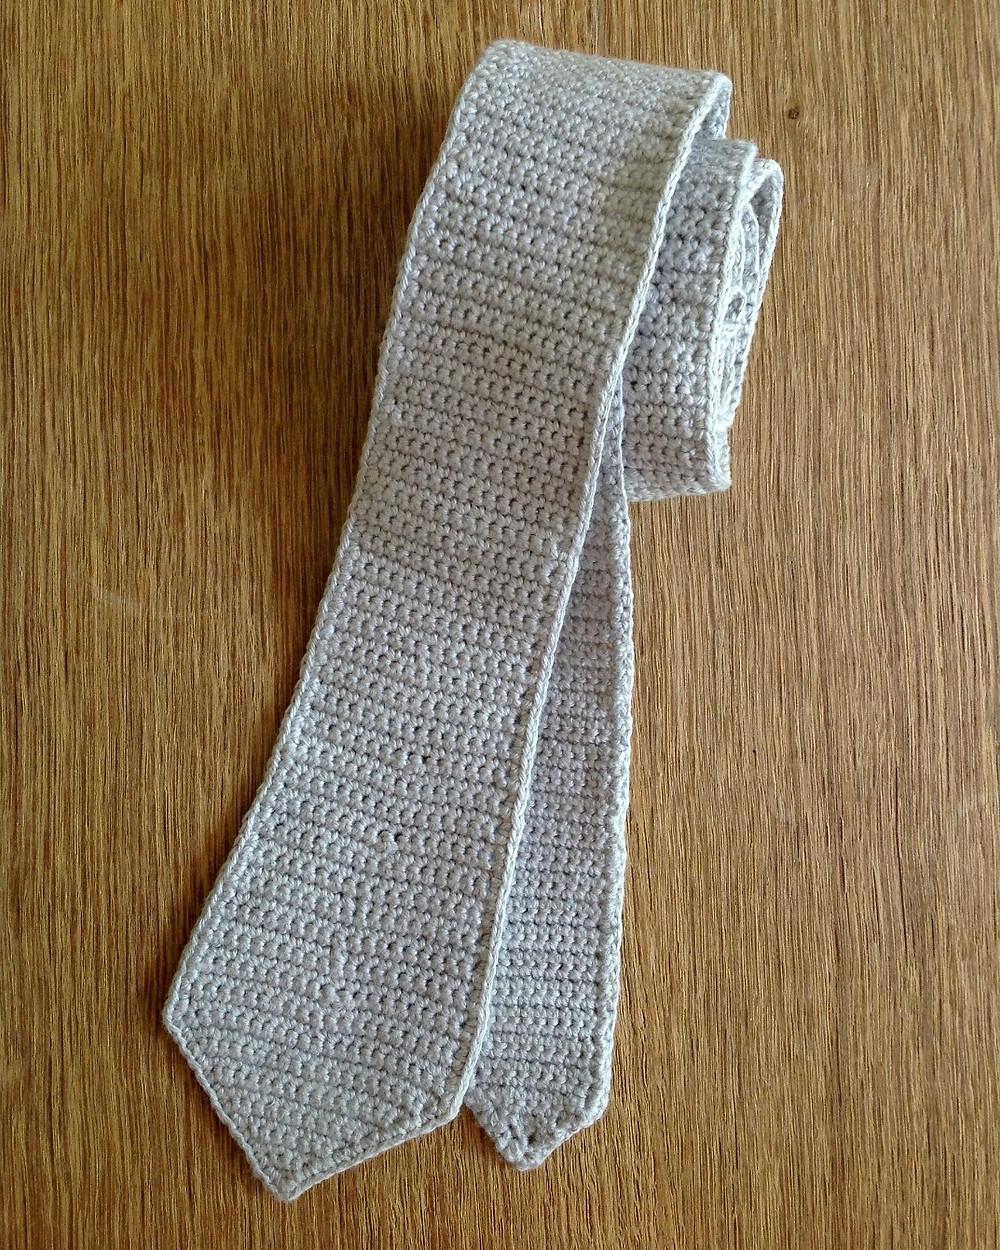 crocheted skinny tie